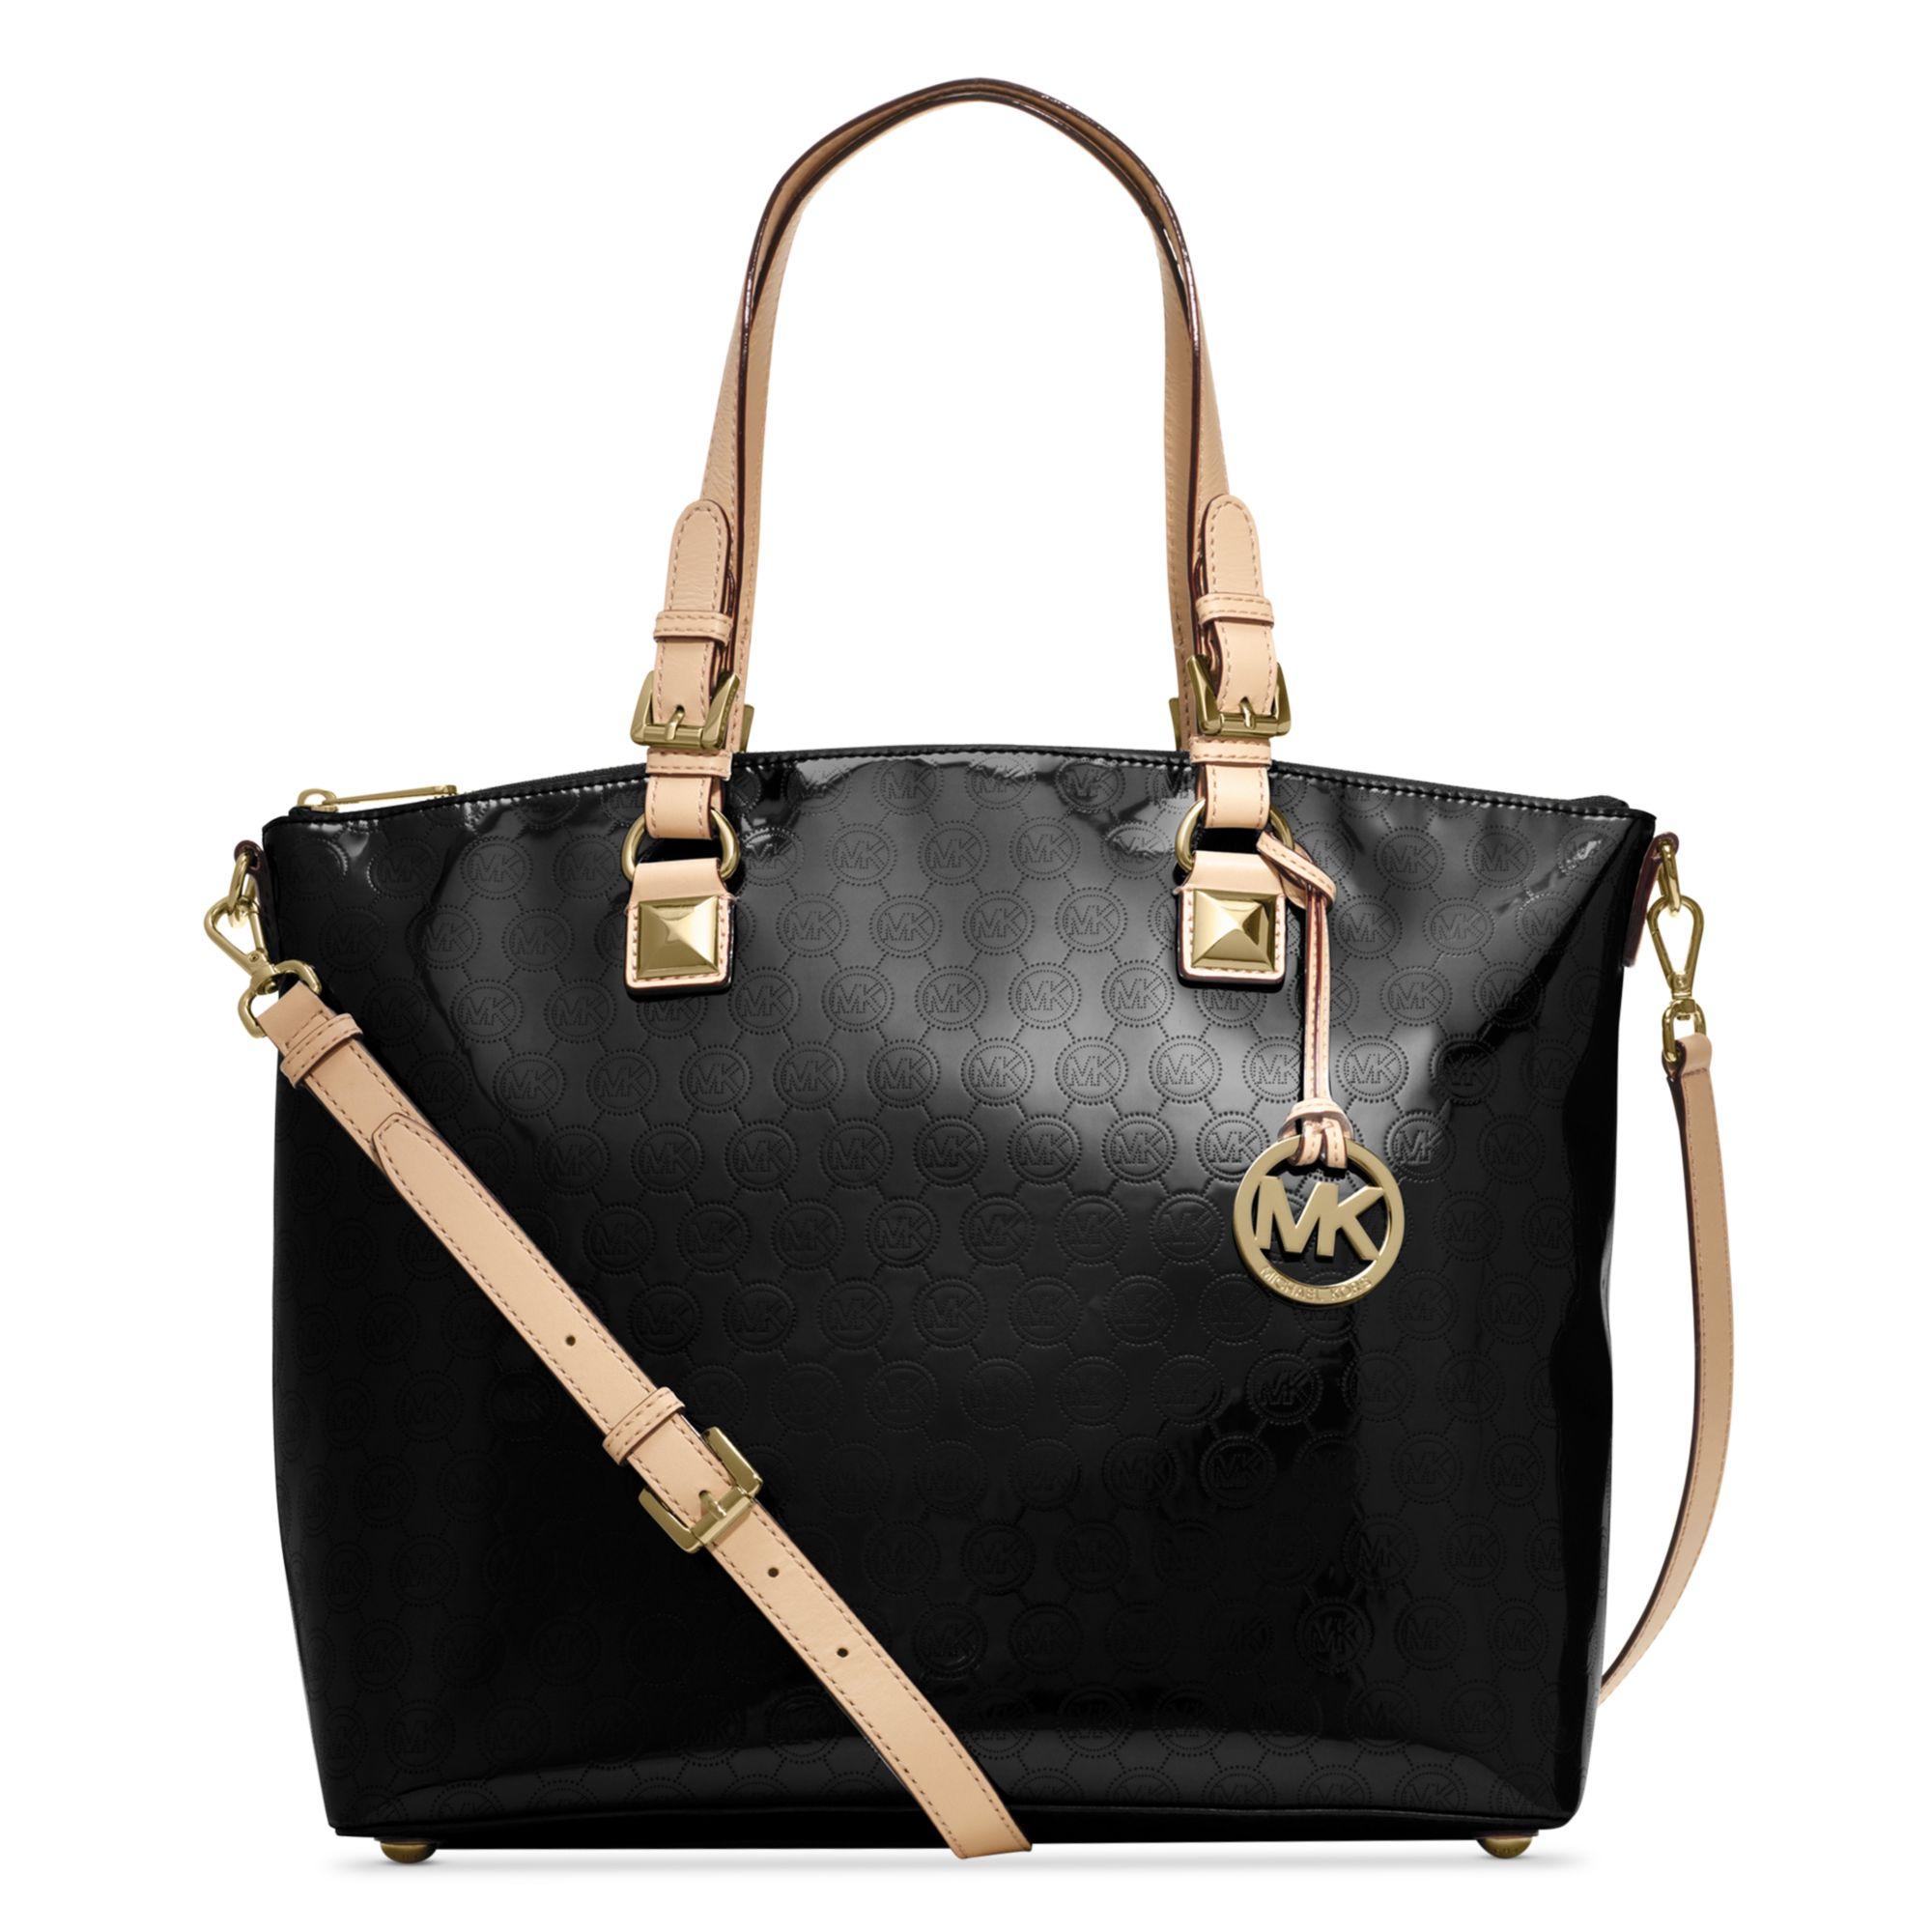 michael kors jet set item multi function satchel in black lyst. Black Bedroom Furniture Sets. Home Design Ideas